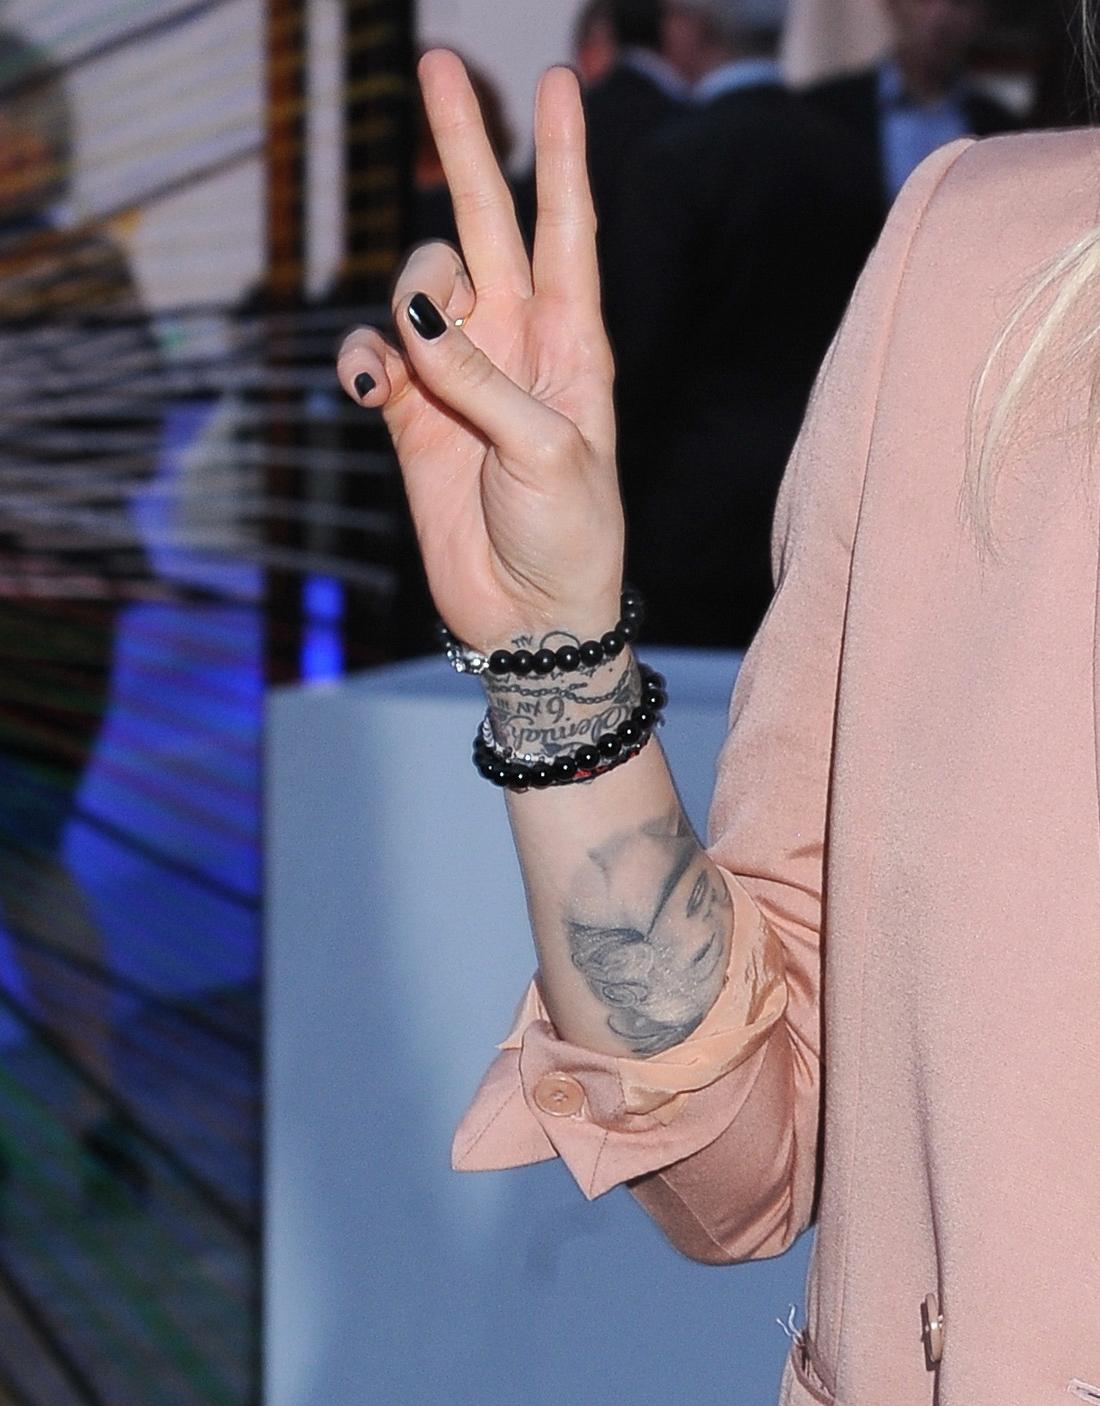 Maja Sablewska Zrobiła Sobie Nowy Tatuaż